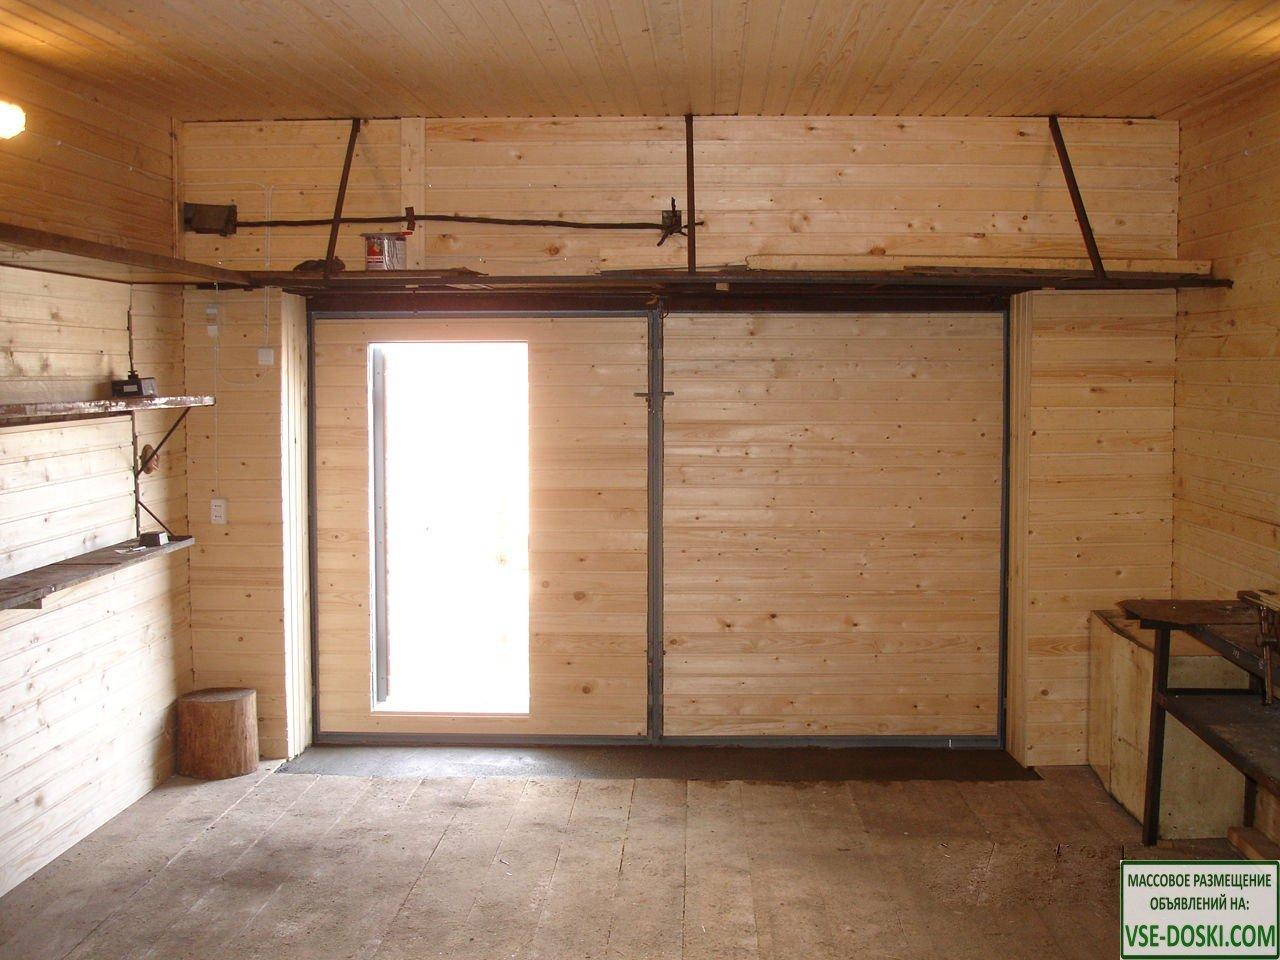 Ремонт гаража,  подрезка ворот, замена петель, отделка вагонкой